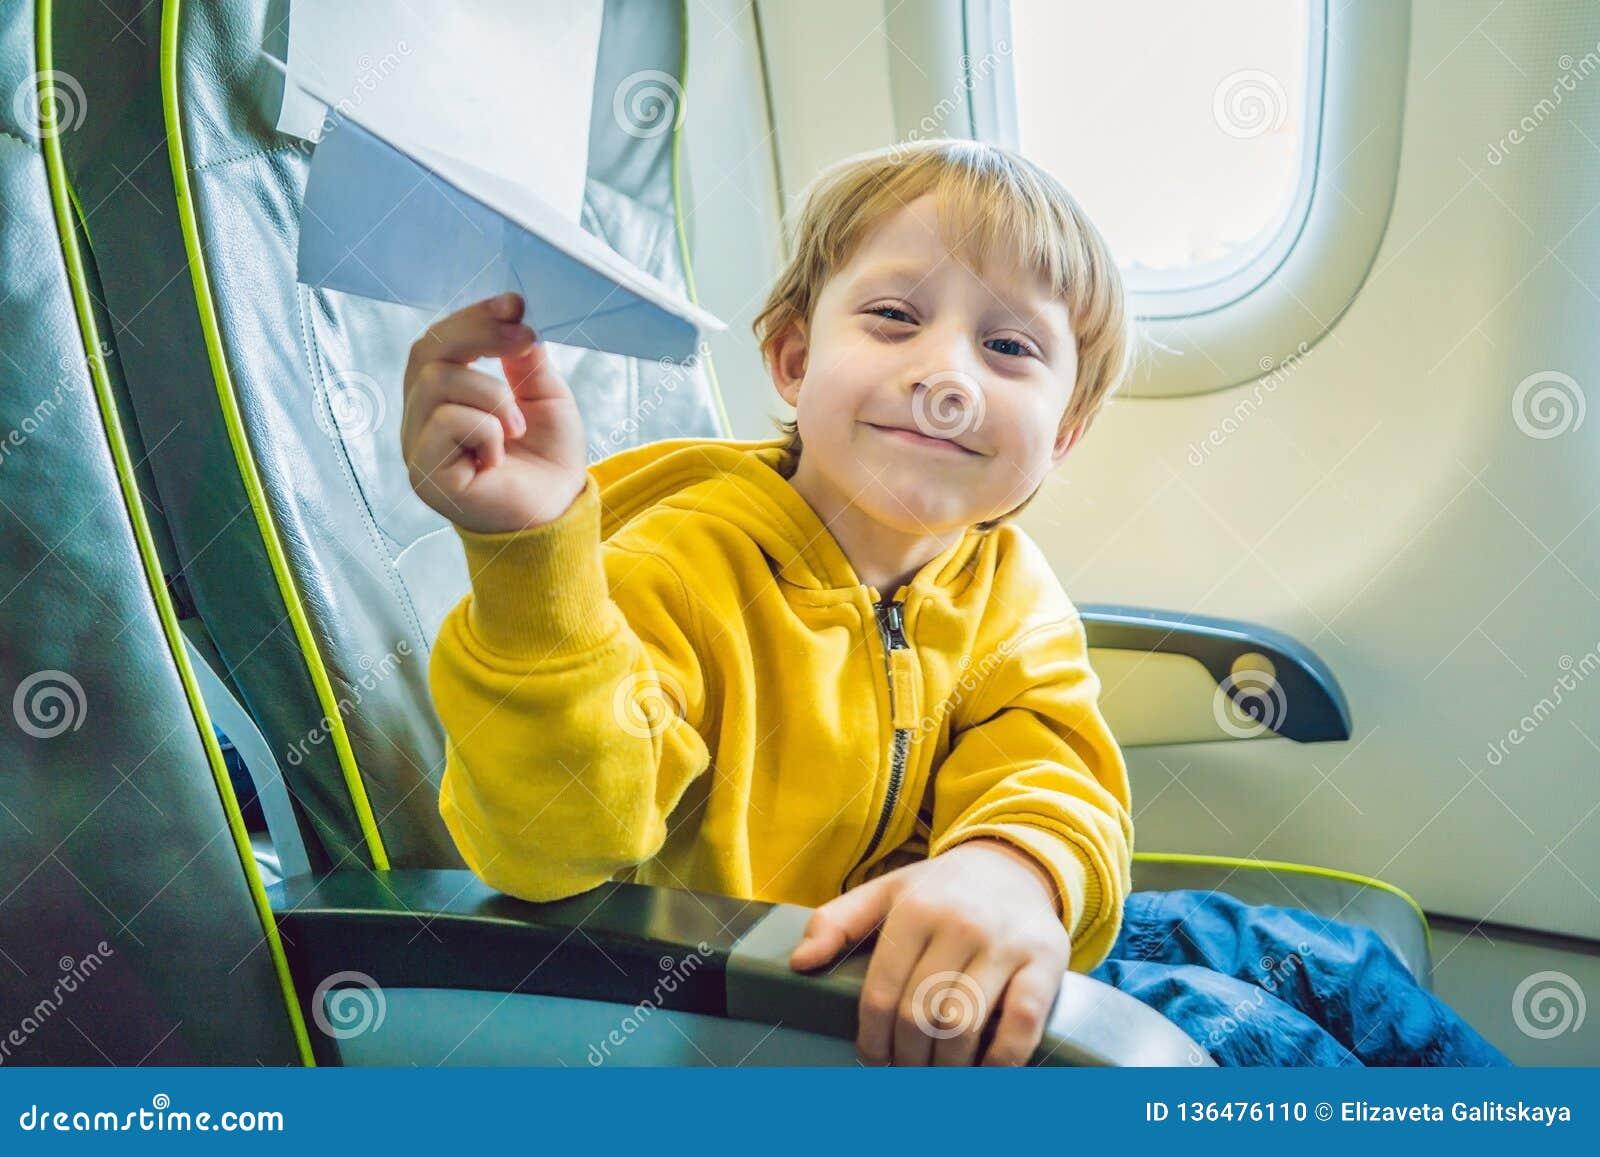 Spiel Mit Flugzeug